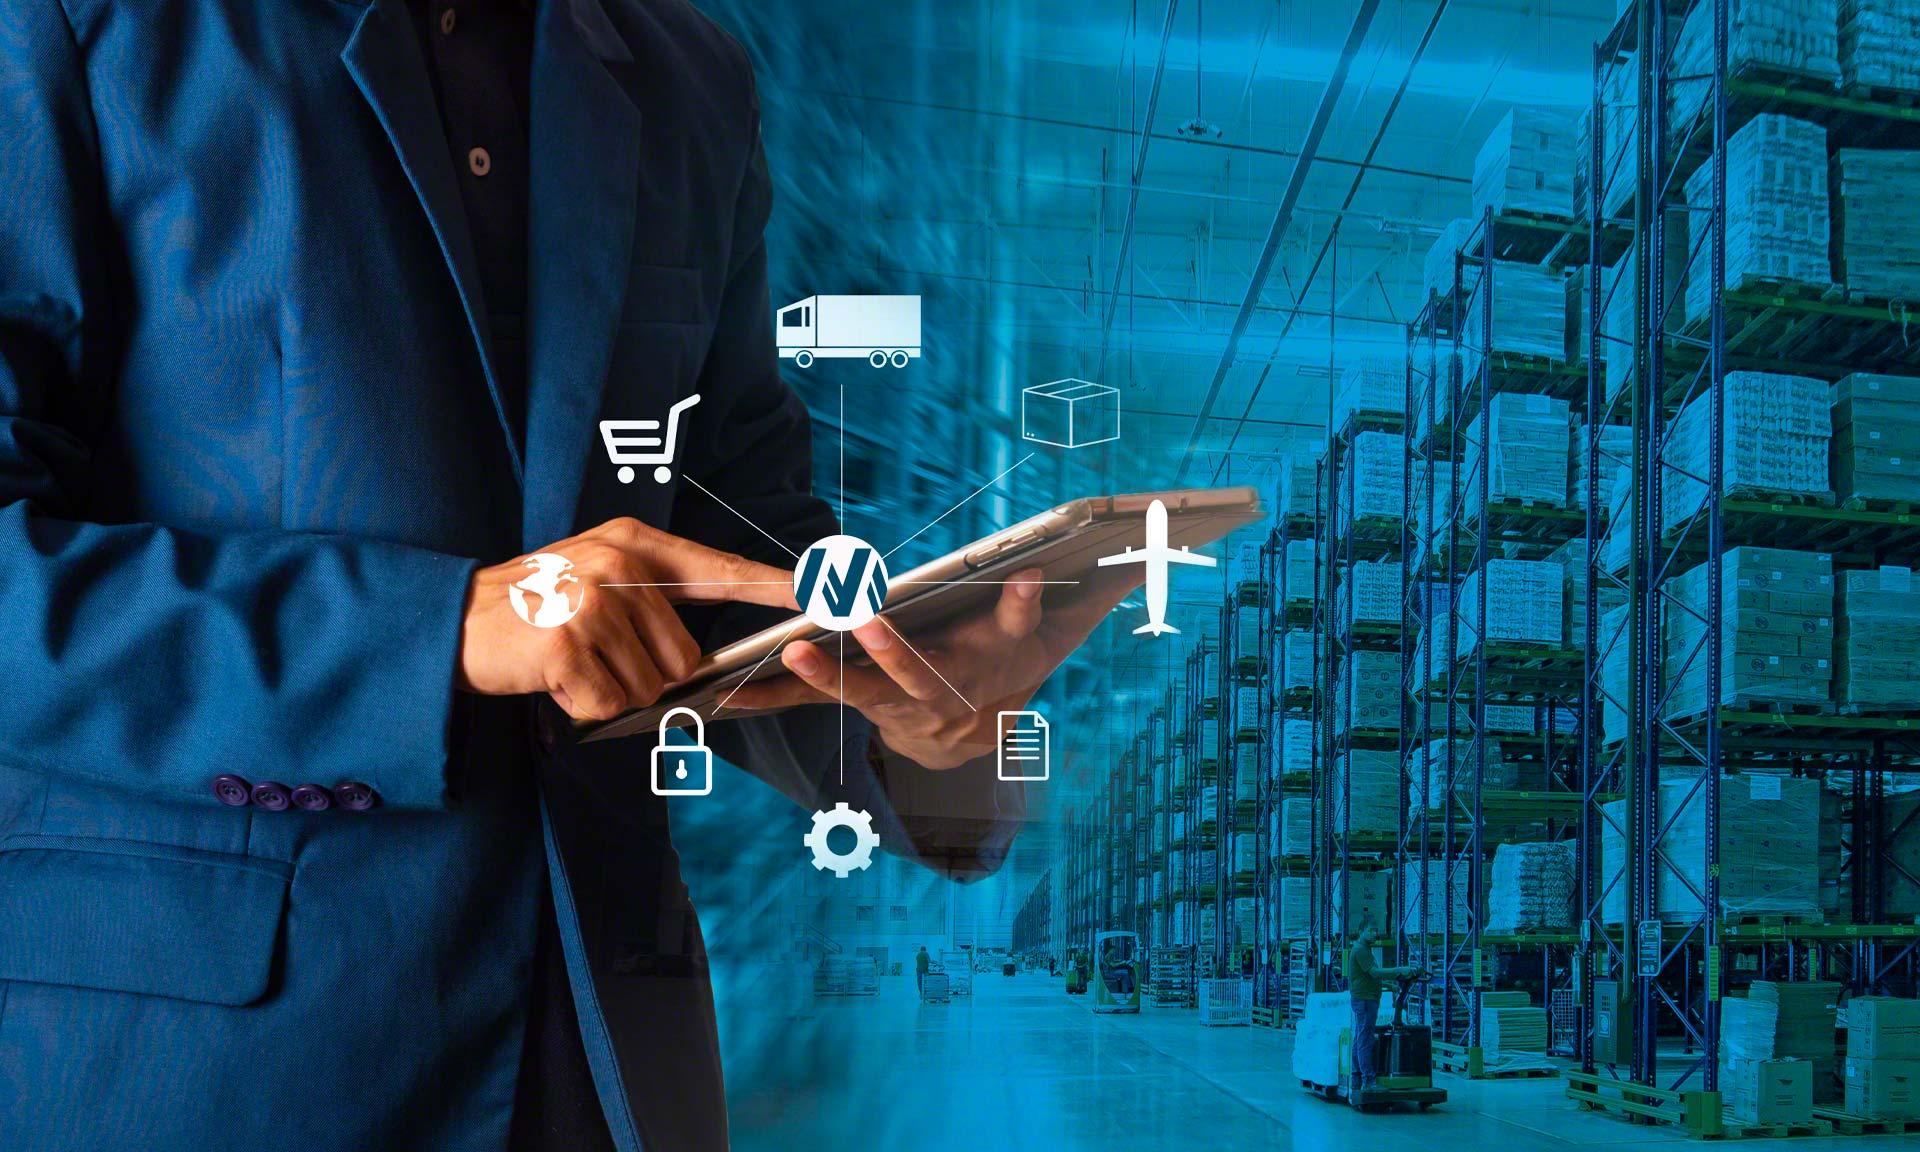 Un supply chain manager es el perfil profesional responsable de que la cadena de suministro funcione eficientemente